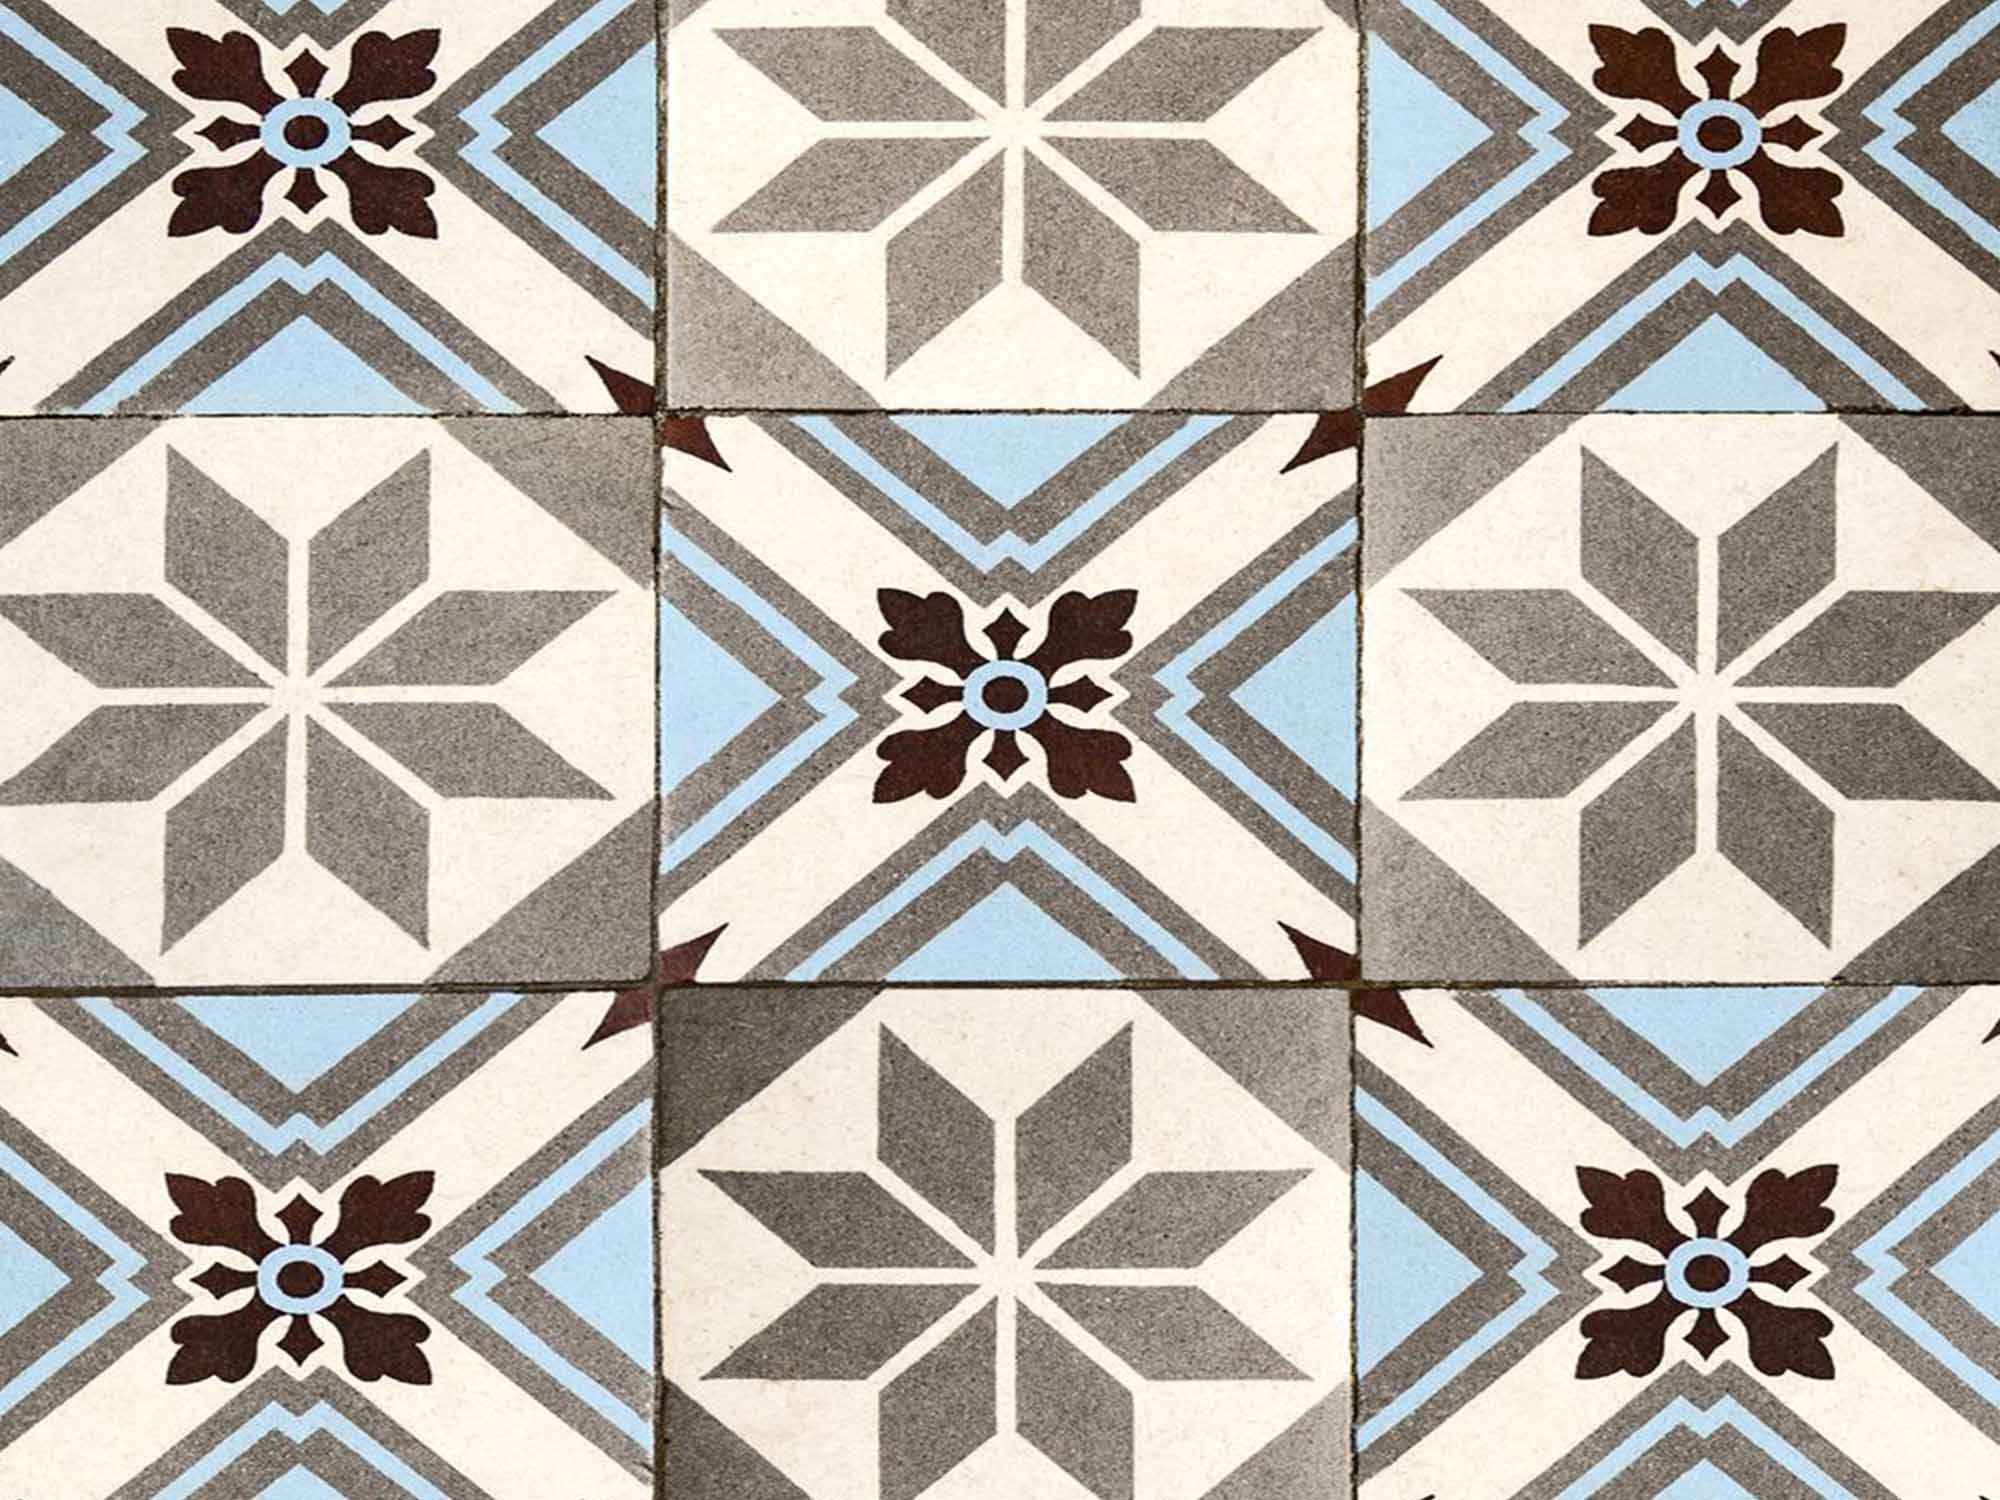 Papel de Parede para Cozinha Azulejos 0045 - PROMOÇÃO  - Paredes Decoradas